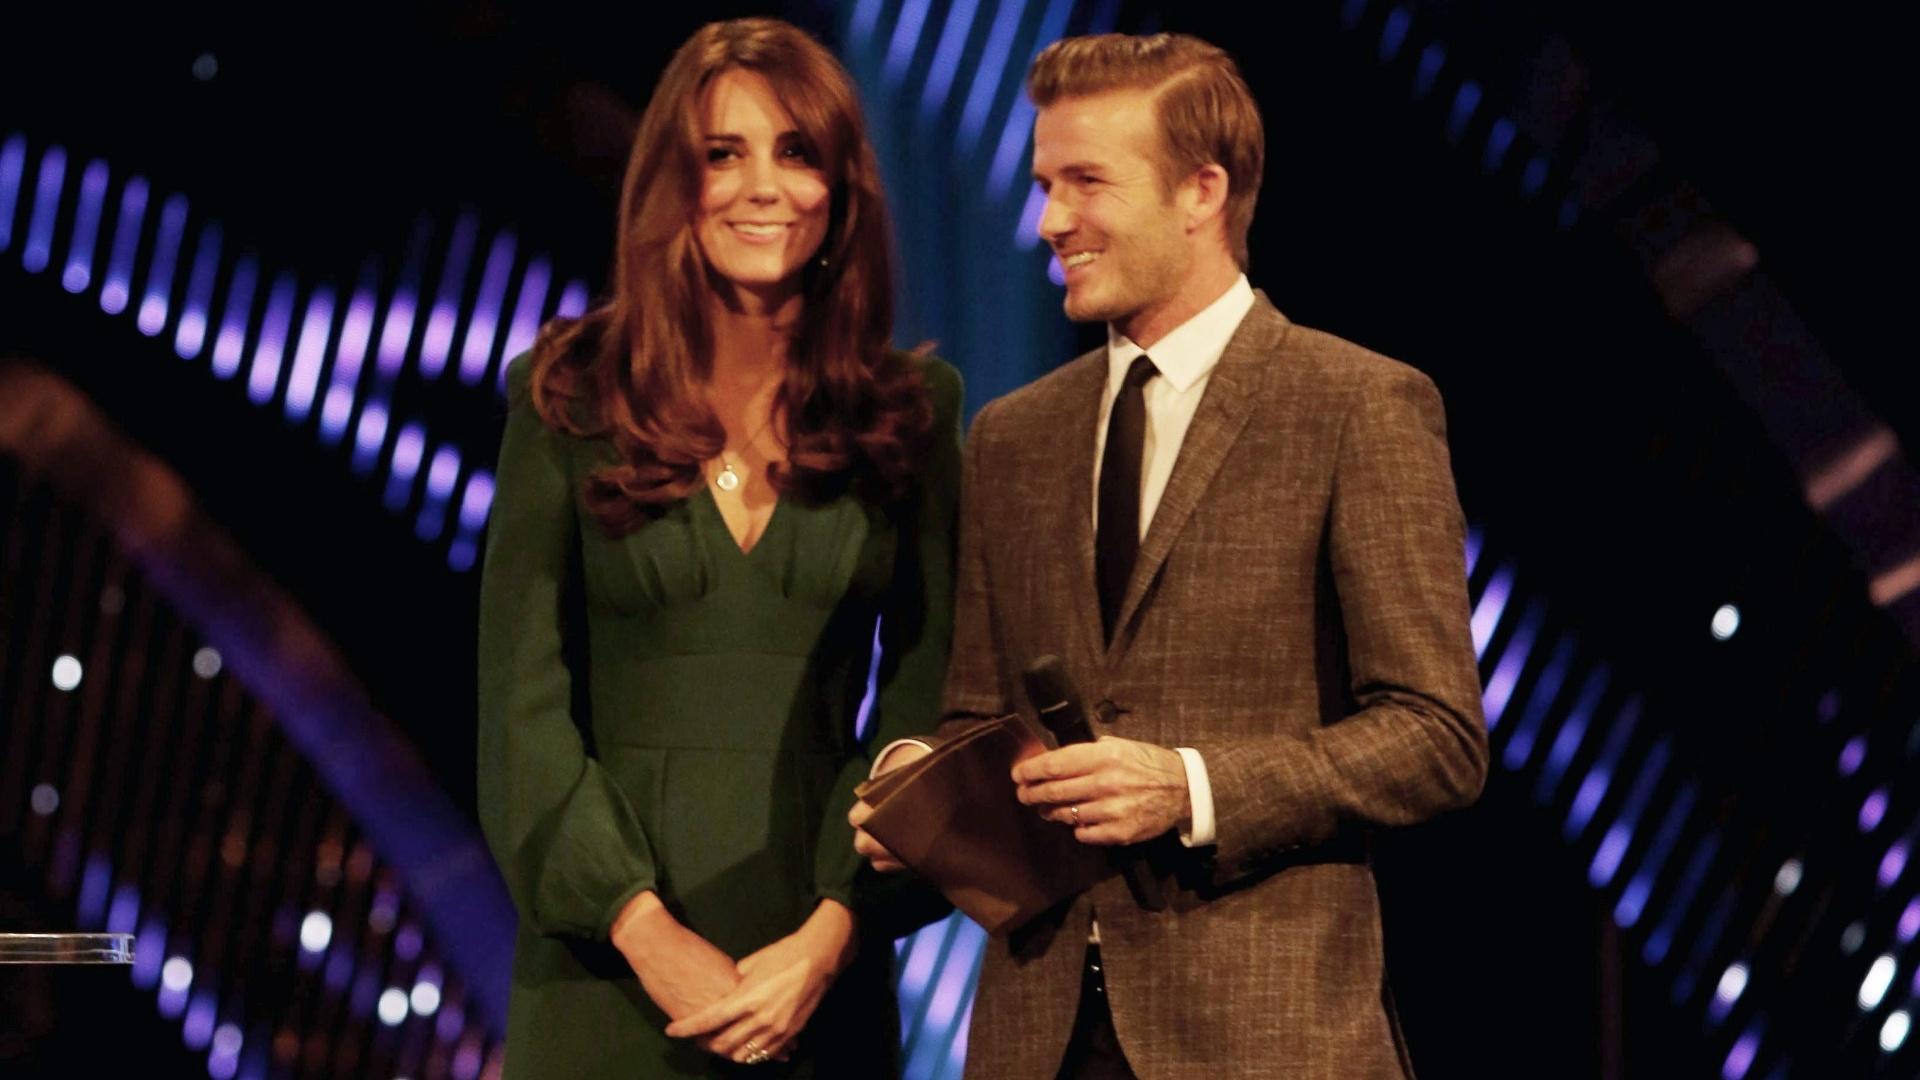 17.dez.2012-A Duquesa de Cambridge, Kate Middleton, e o jogador David Beckham foram os apresentadores da premiação de Melhores Atletas do Ano no Reino Unido